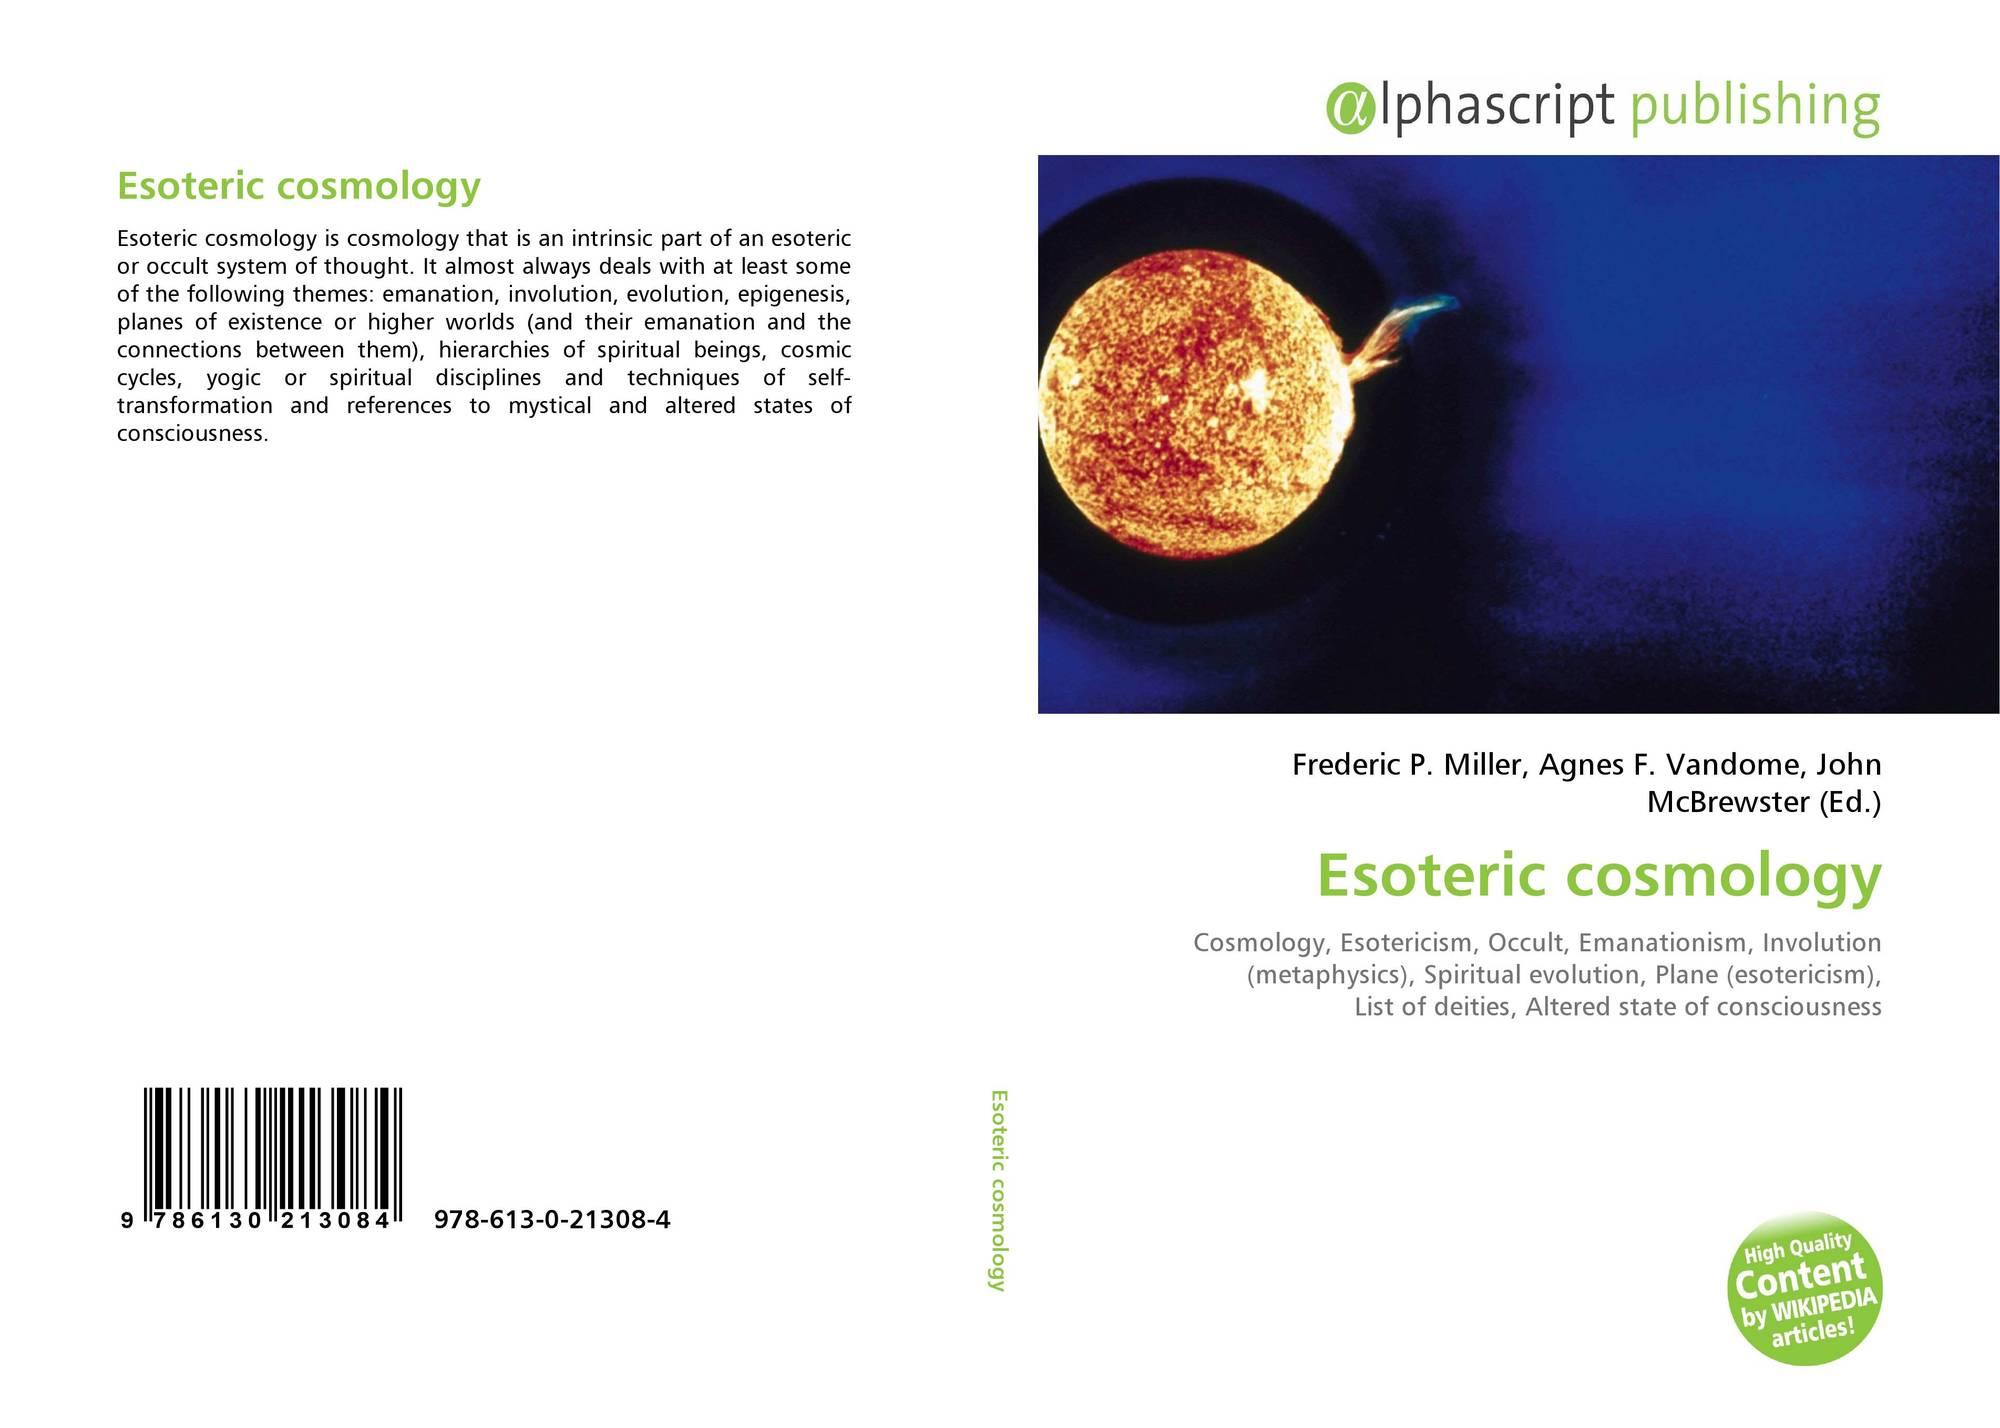 Esoteric cosmology, 978-613-0-21308-4, 6130213085 ,9786130213084